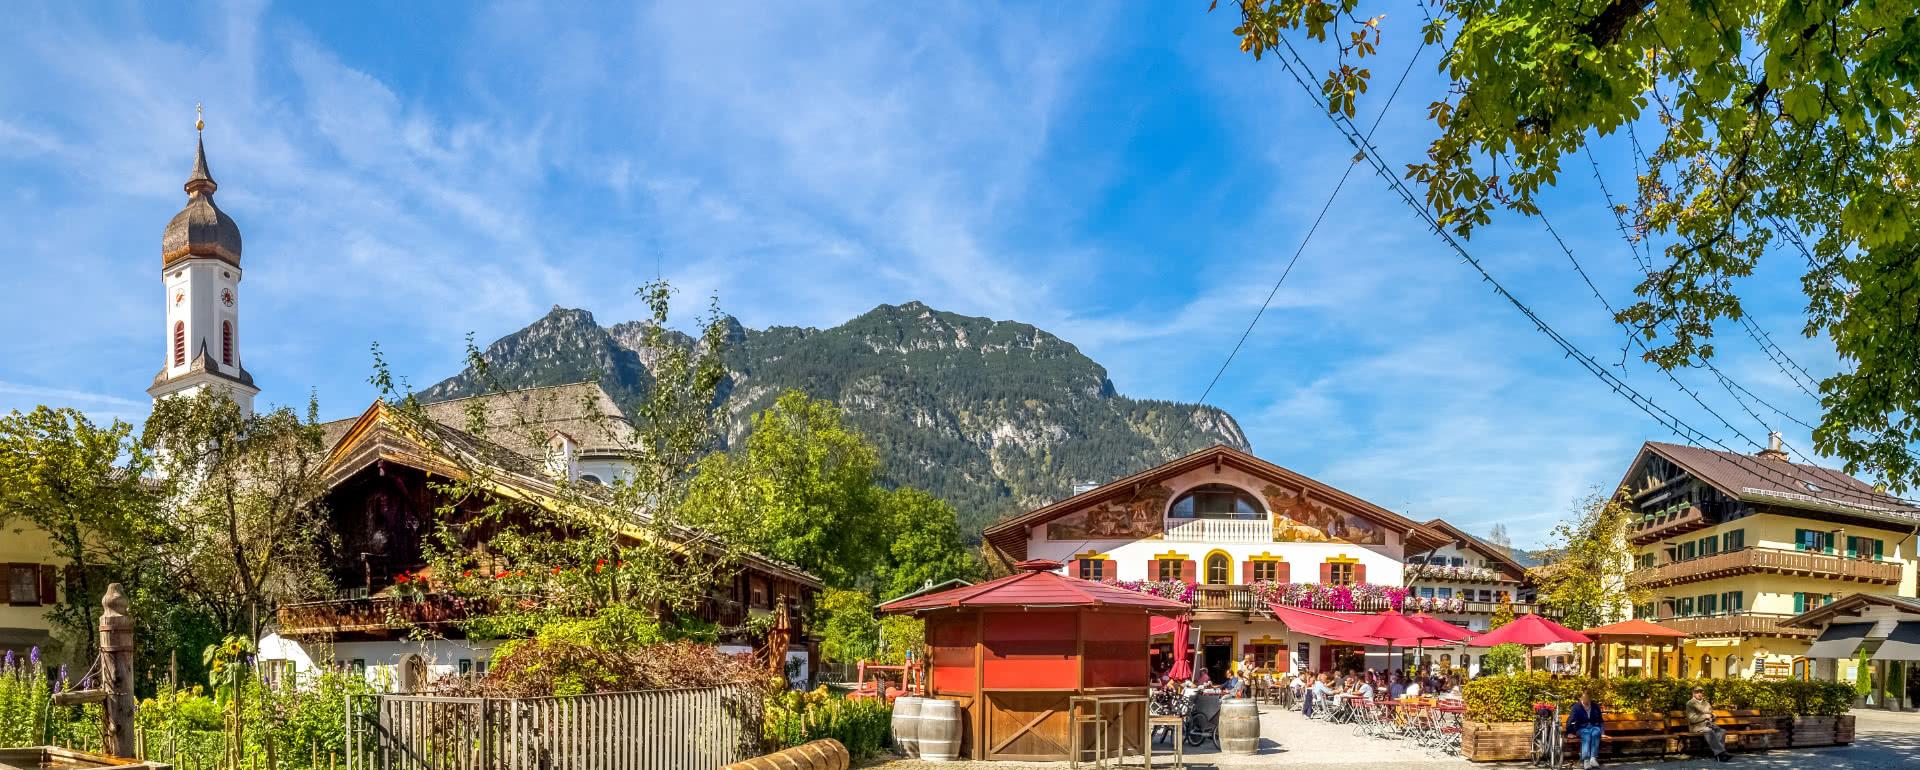 Titelbild von Garmisch-Partenkirchen